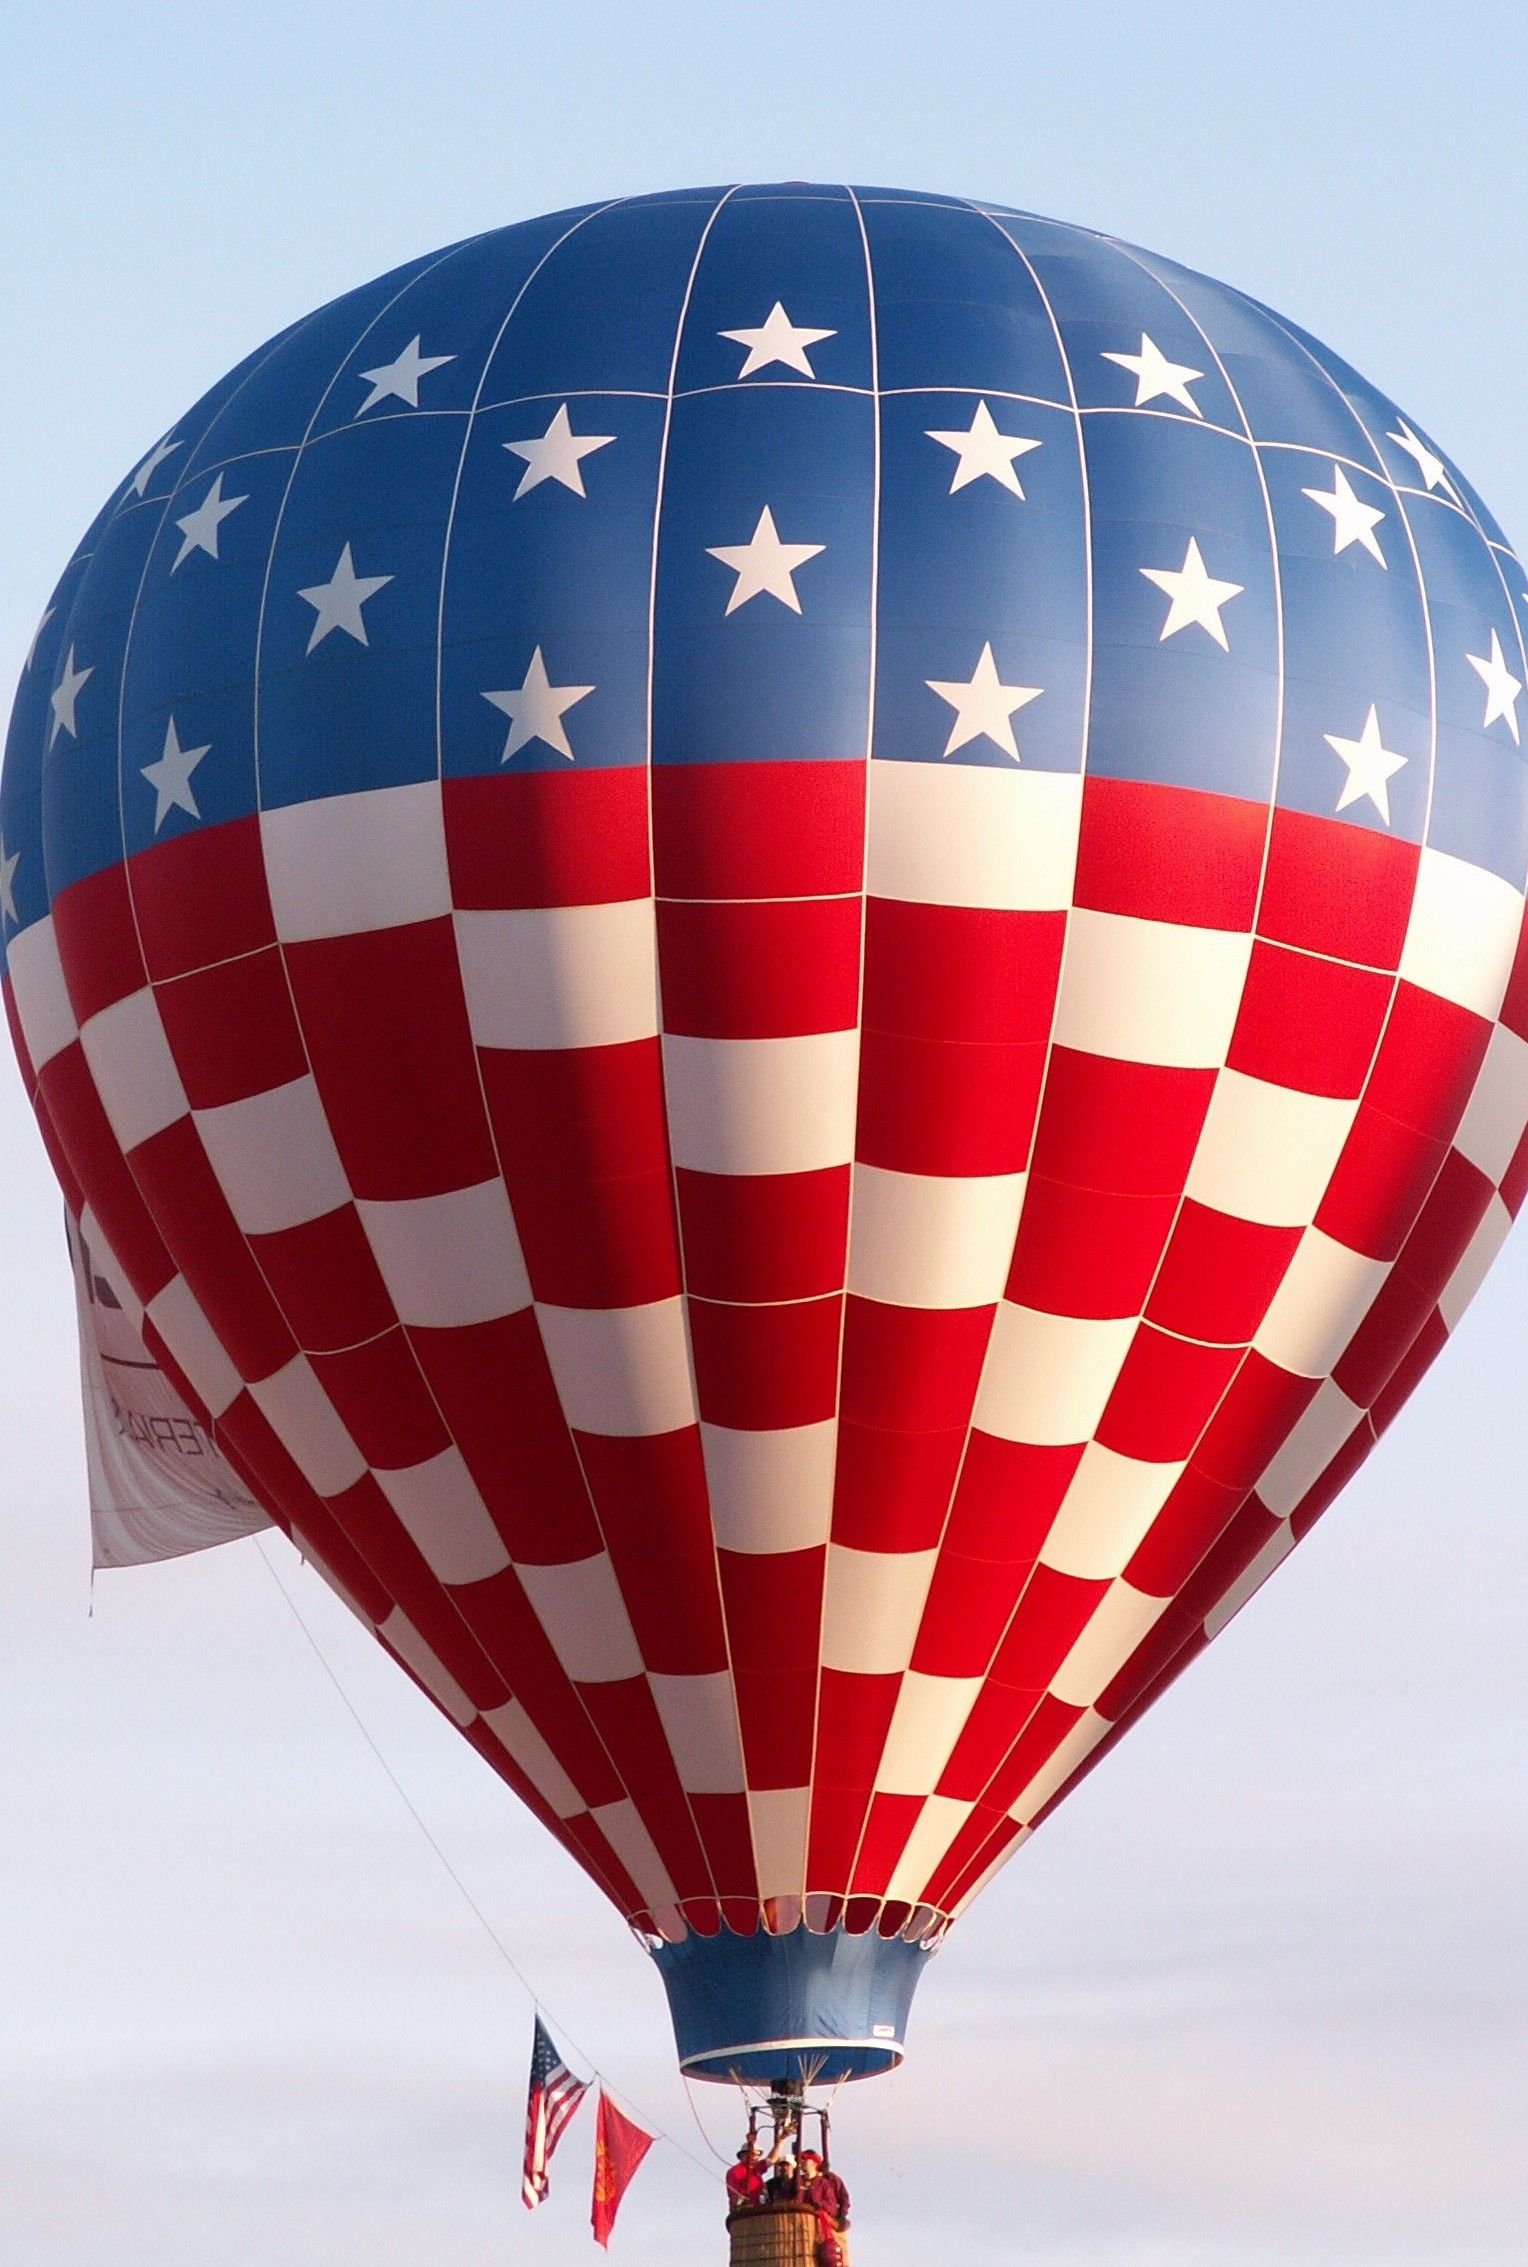 Patriotic Hot Air Balloon … Hot air balloon